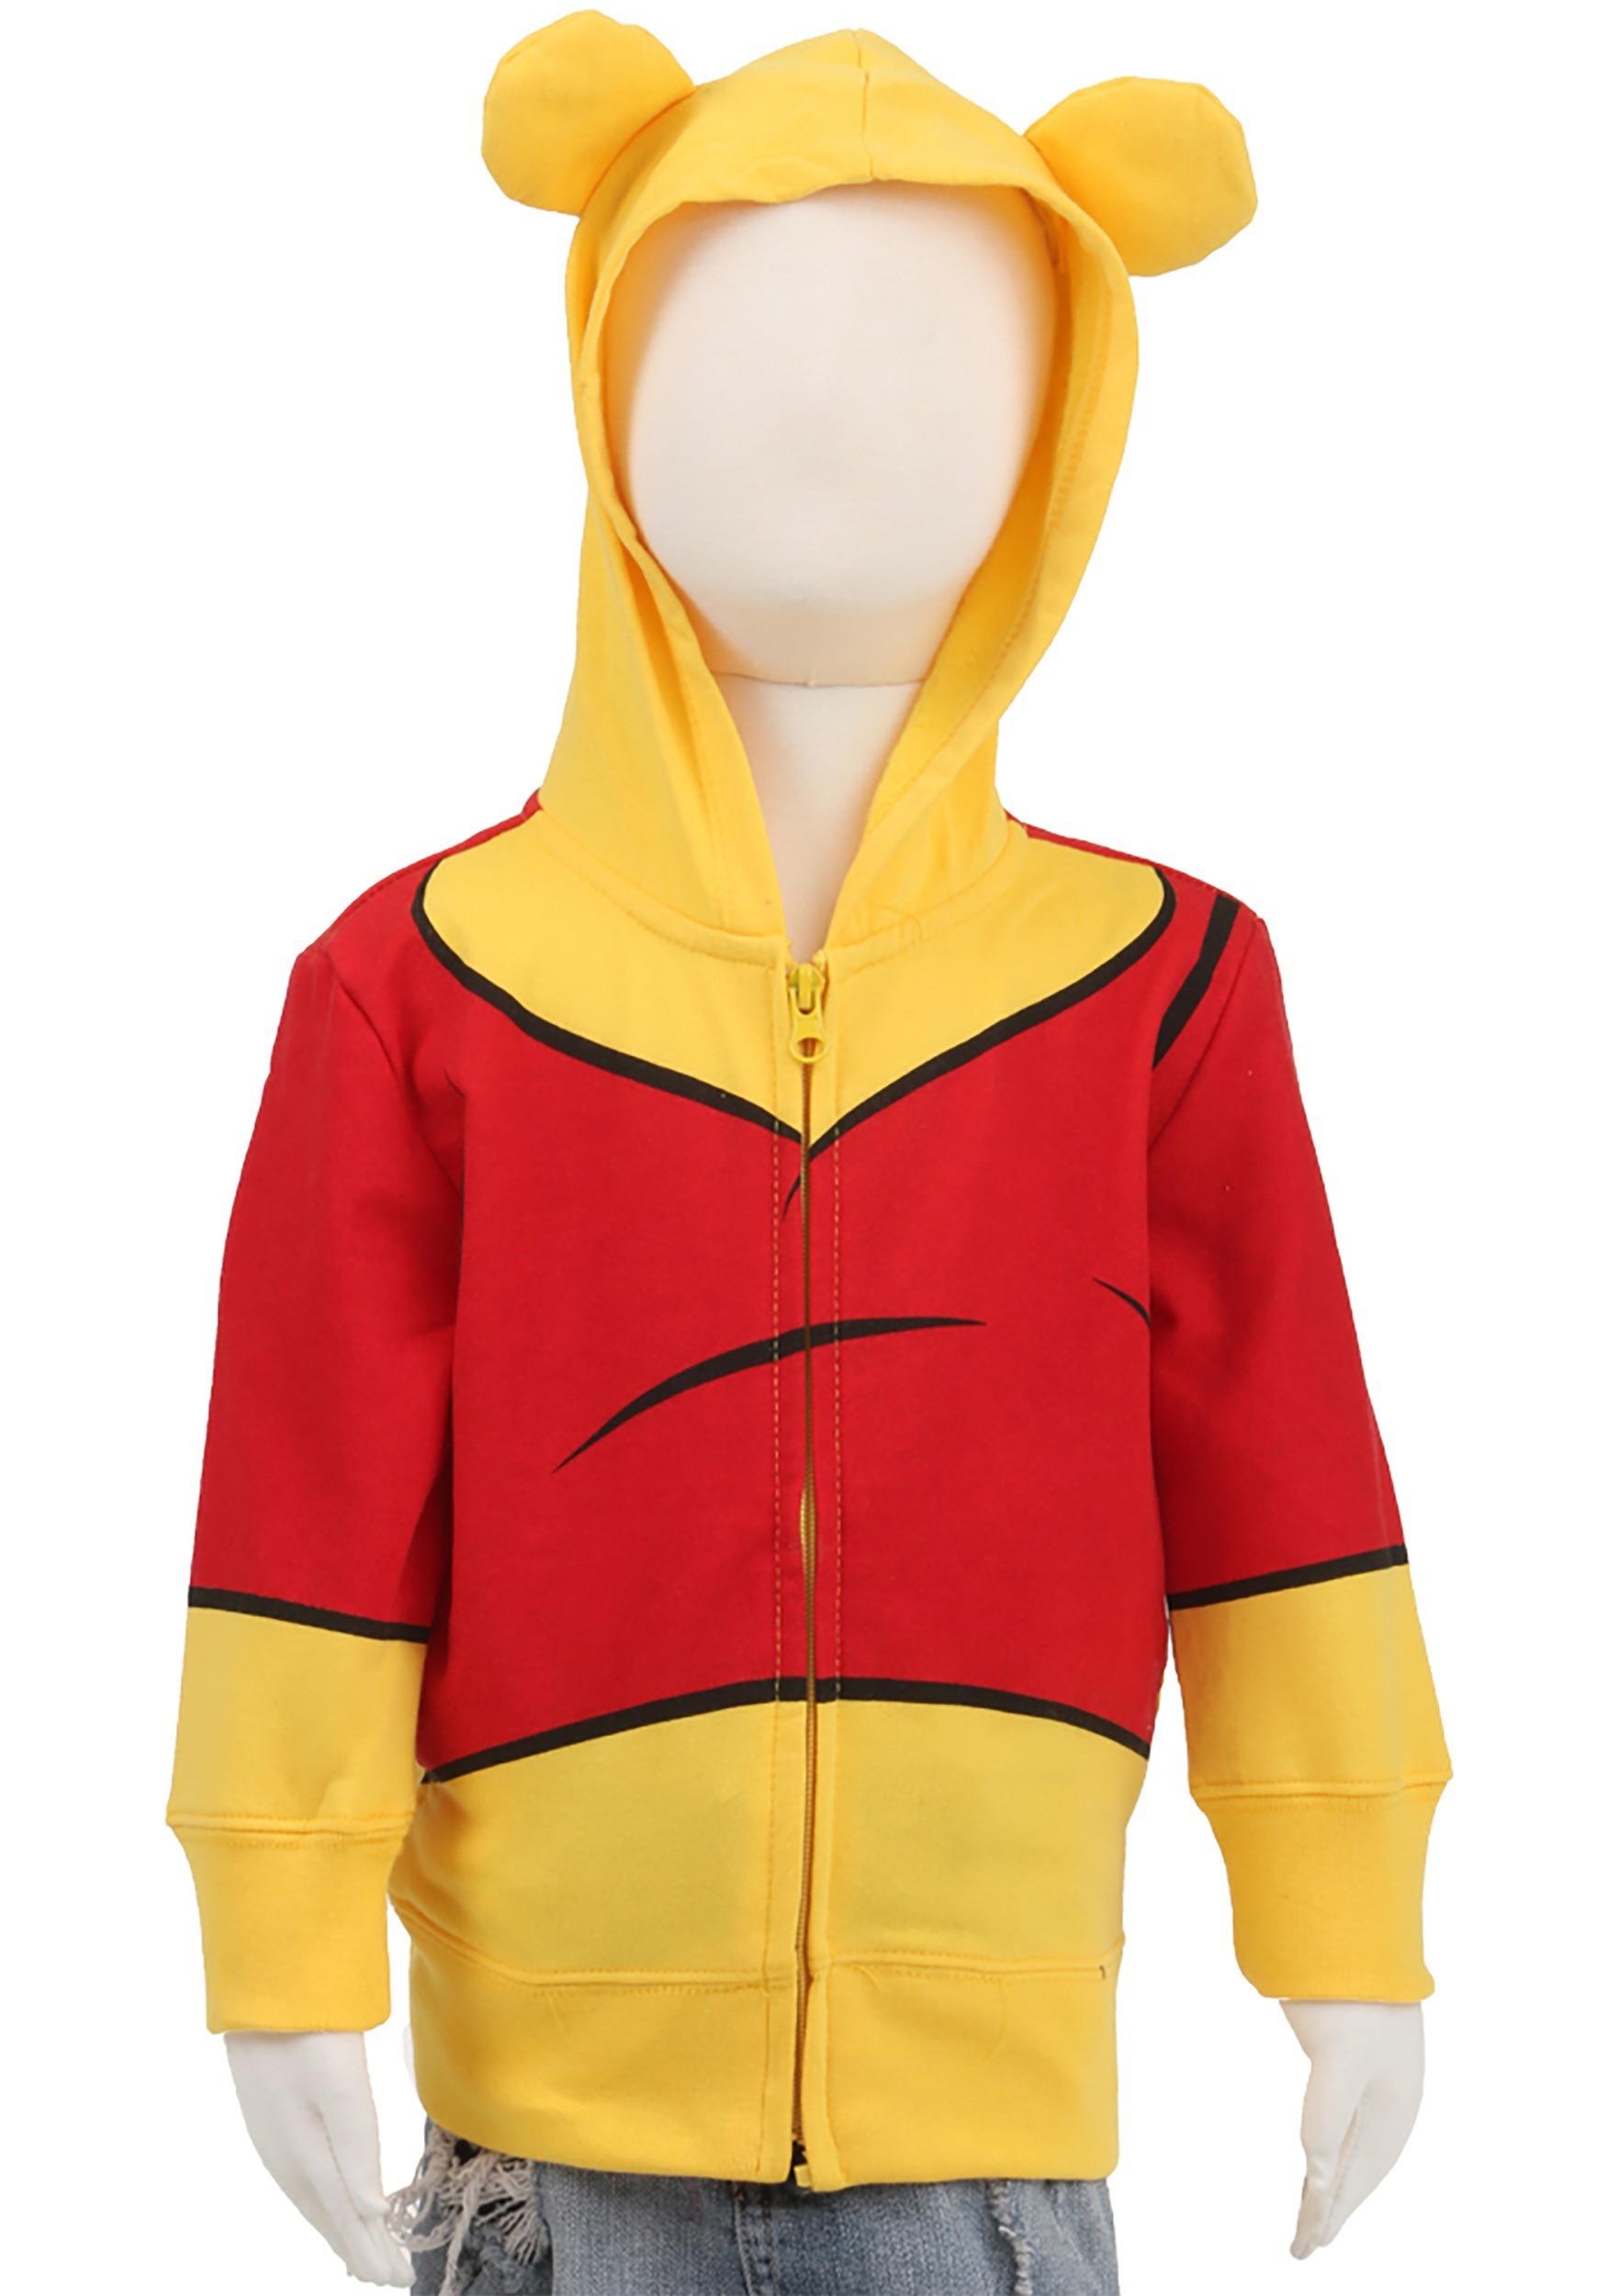 Hooded Sweatshirt. Toddler Winnie The Pooh